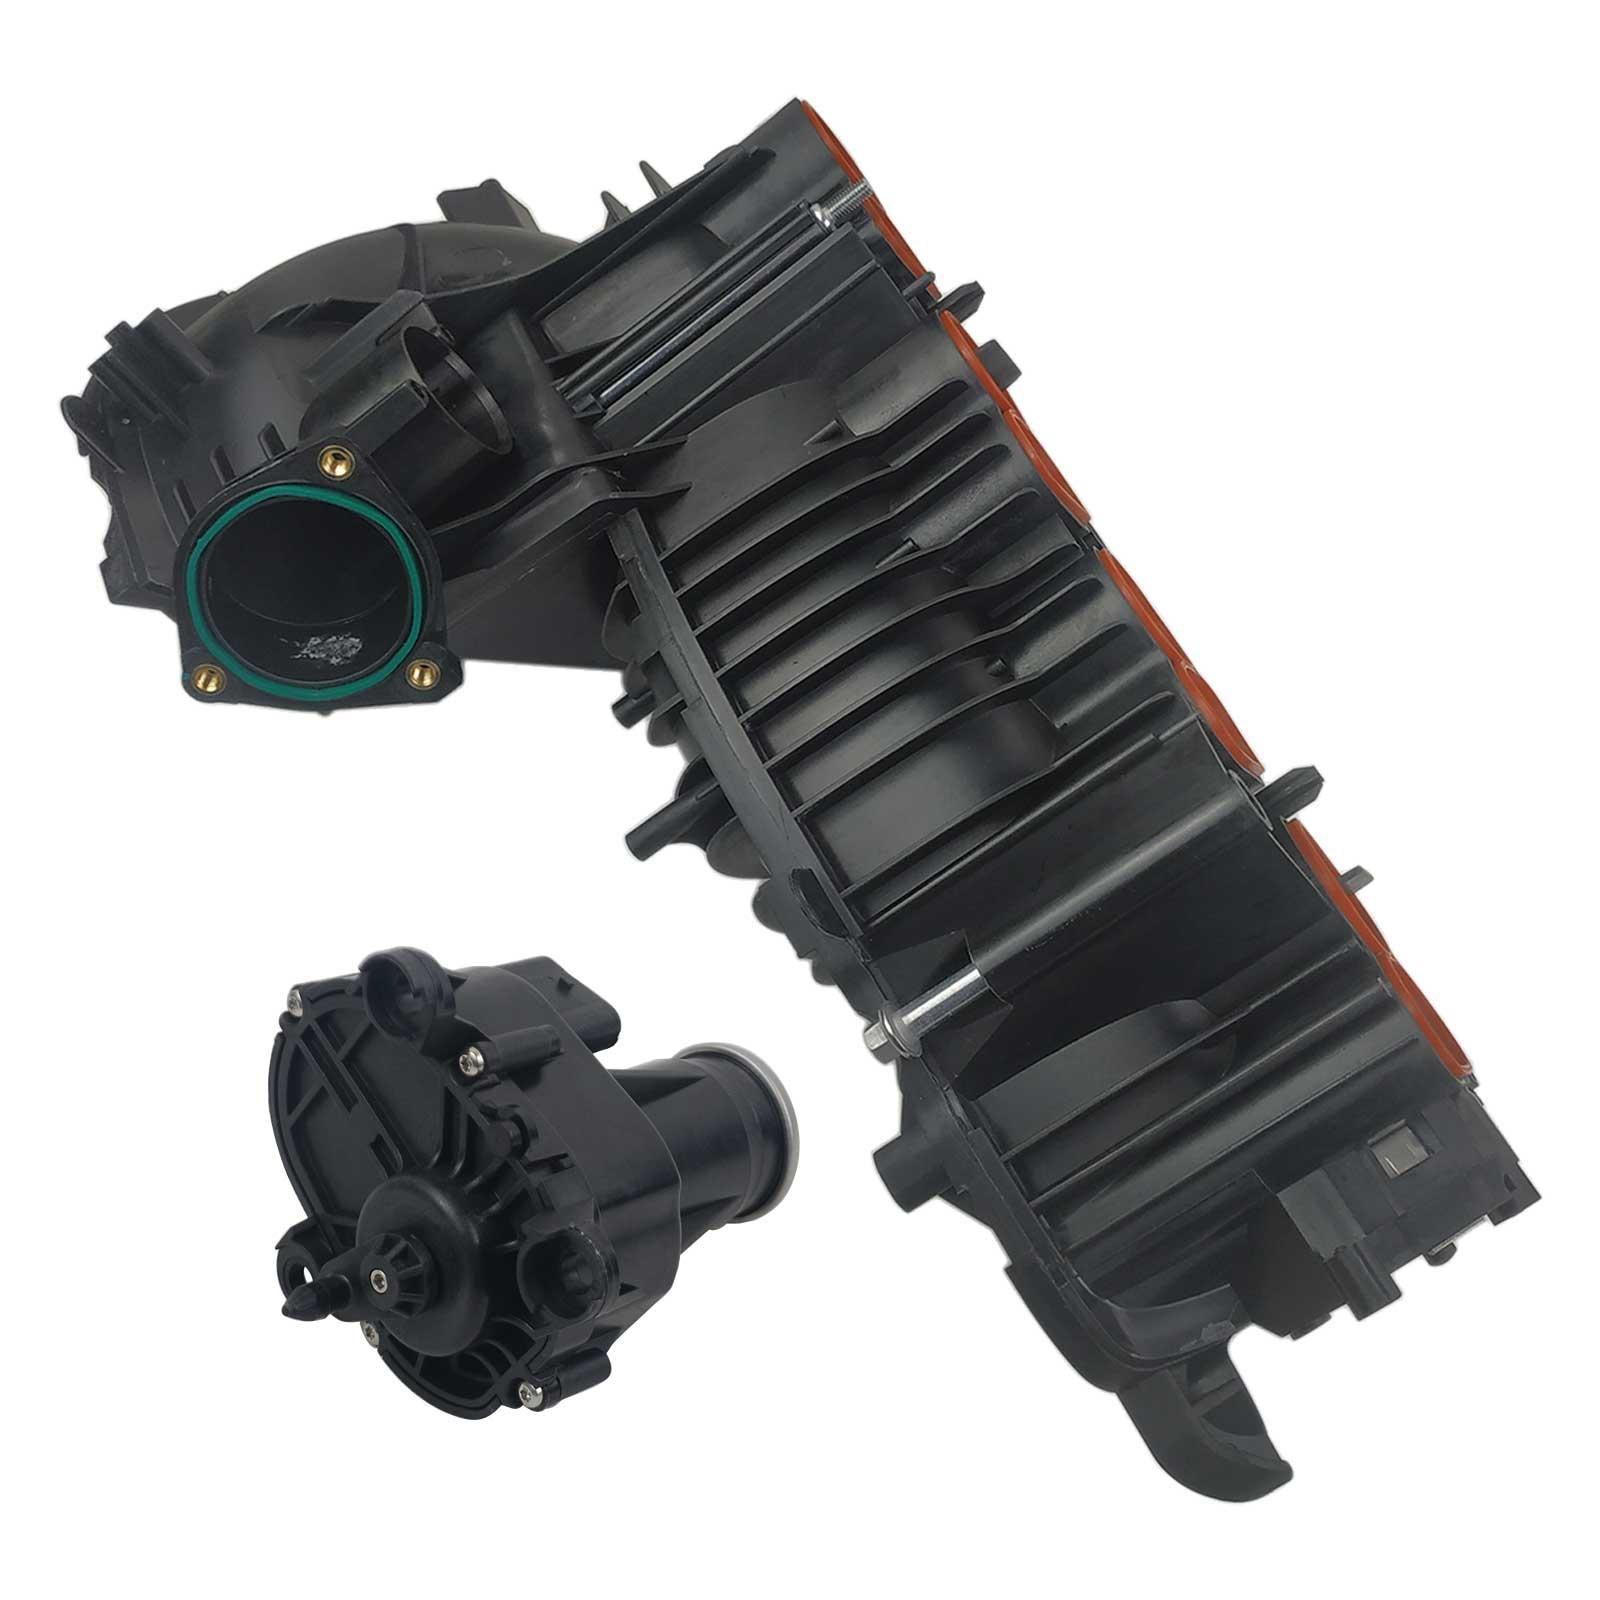 AP03 مشعب السحب + المحرك N47 ل BMW 1 3 5 X1 X3 E81 E88 E90 E91 E60 E61 E84 E83 11618507239